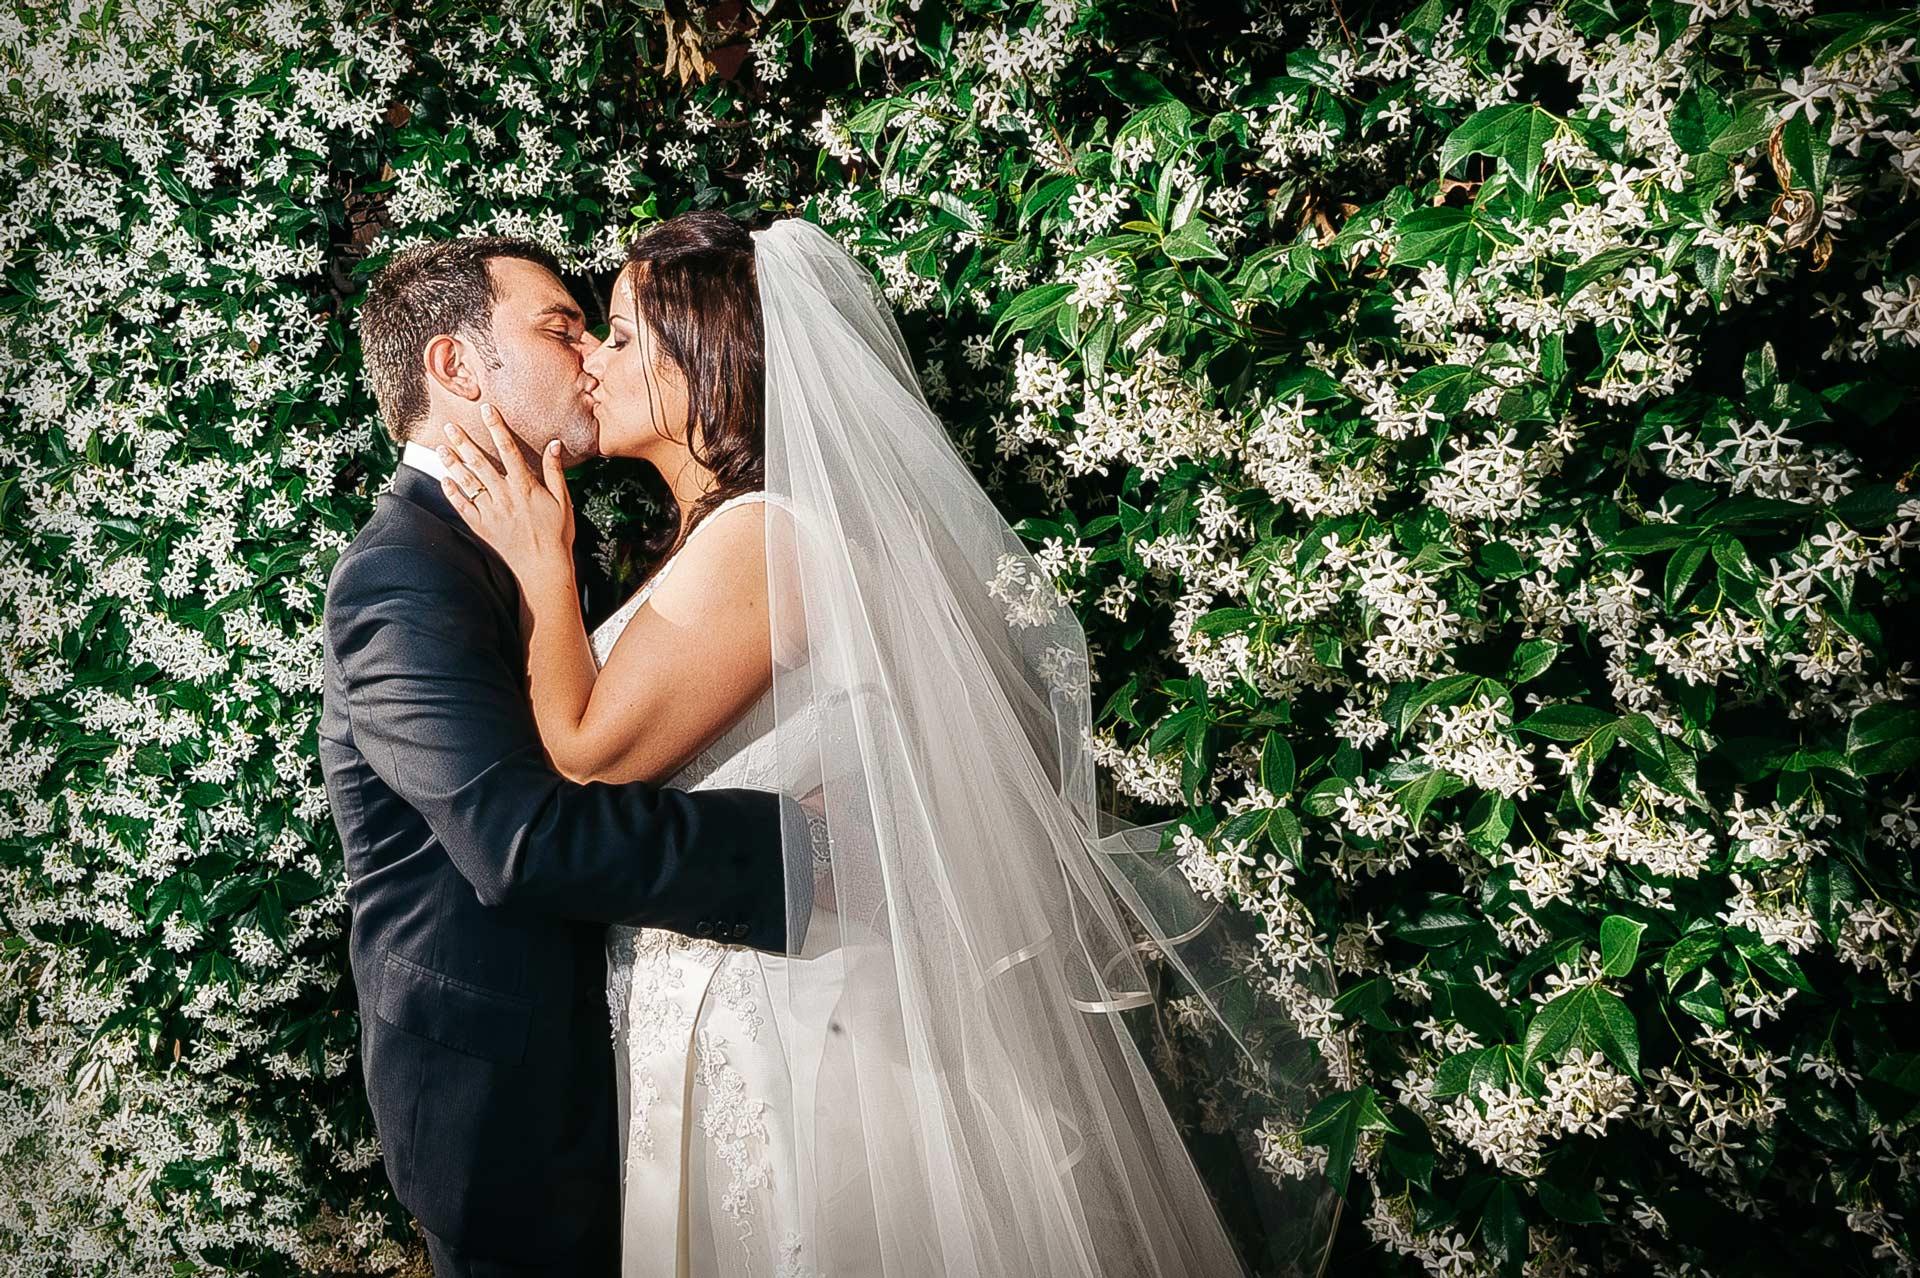 Reportage-Matrimonio-Ritratti 2